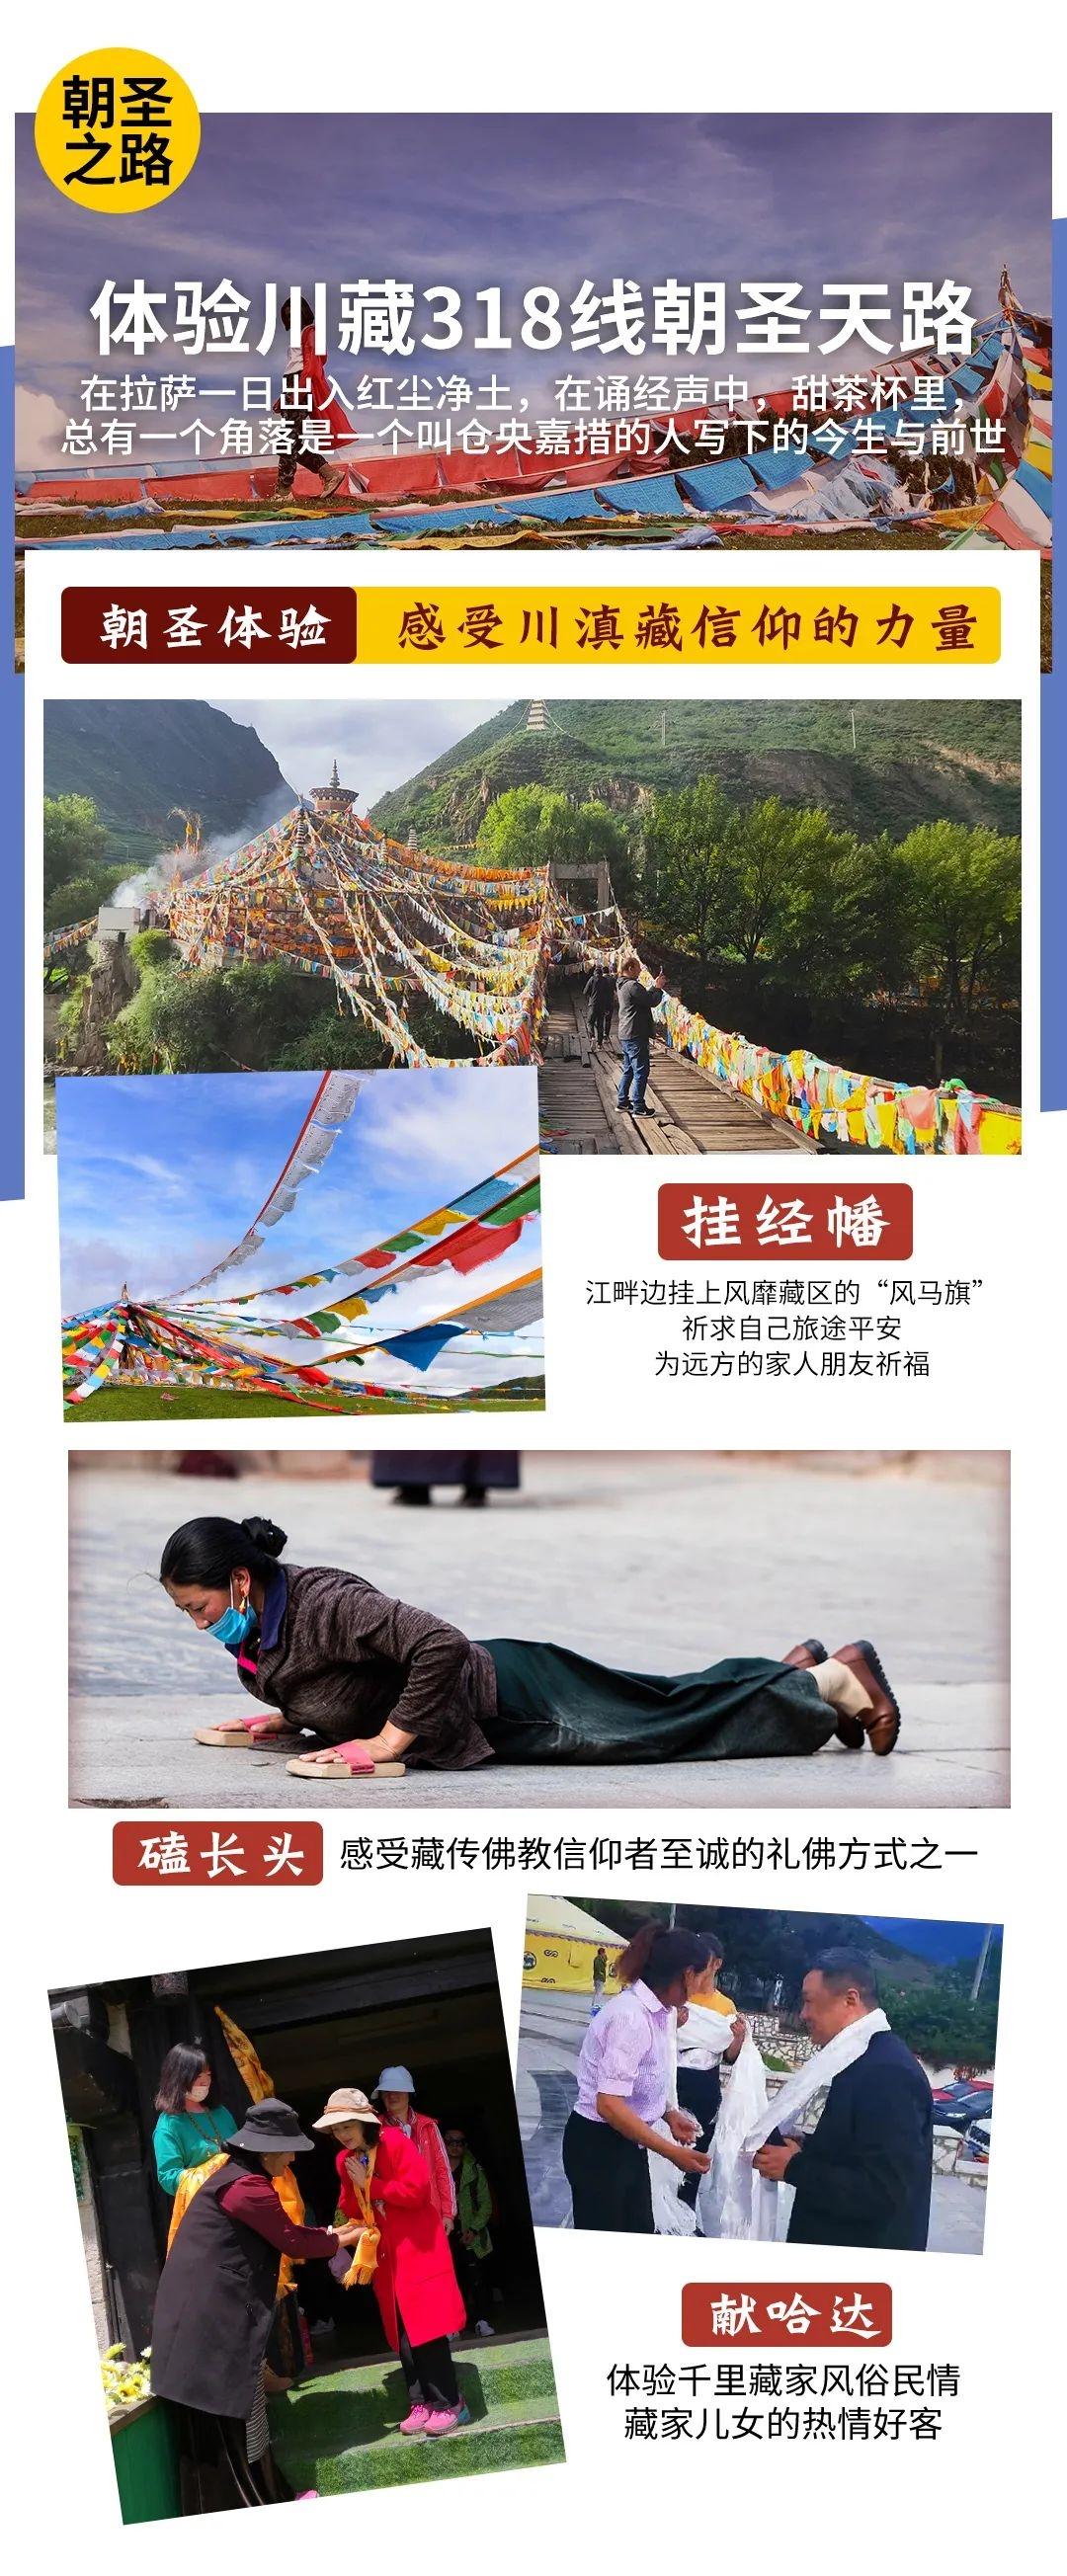 (11)【川滇藏线】稻城亚丁+川藏南线+滇藏线11日深度-户外活动图-驼铃网